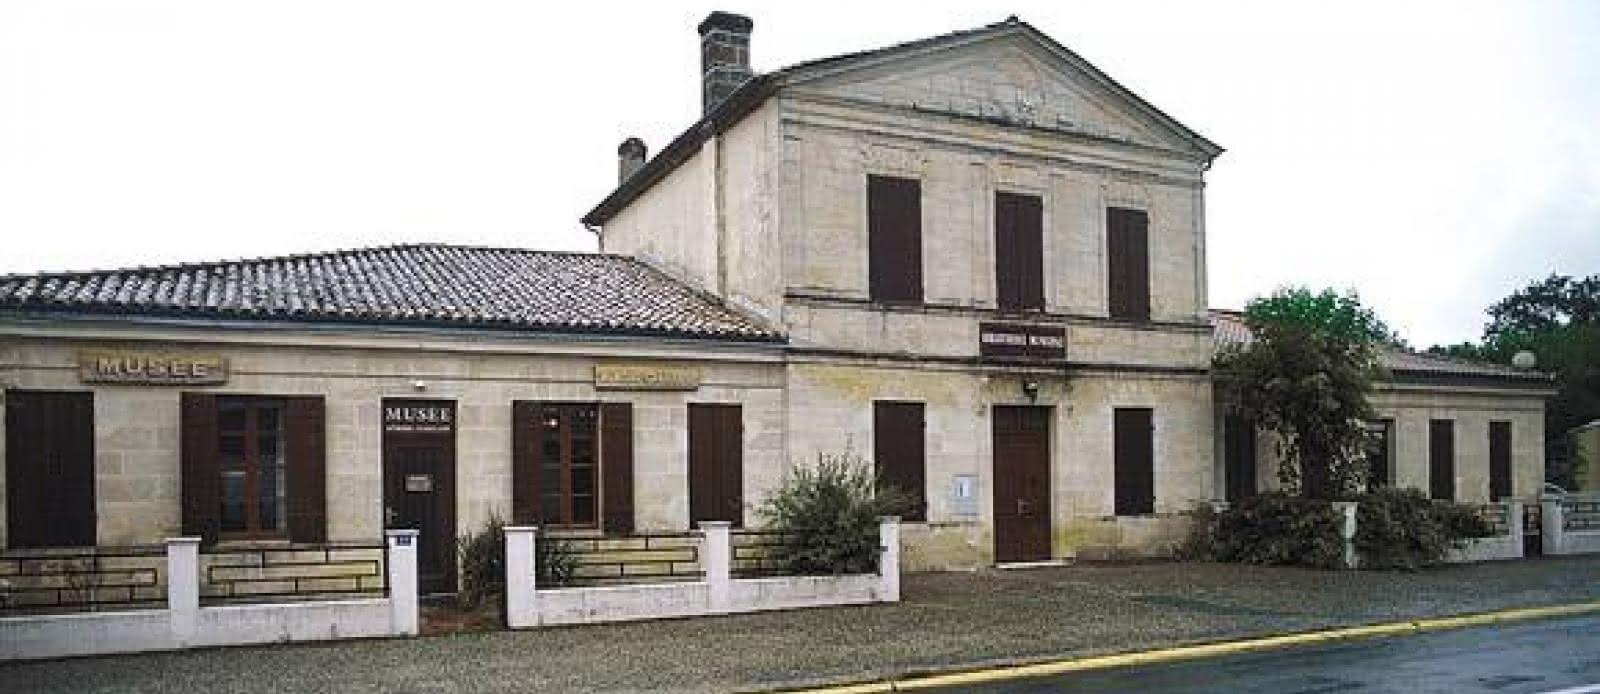 Musee-de-la-memoire-canaulaise